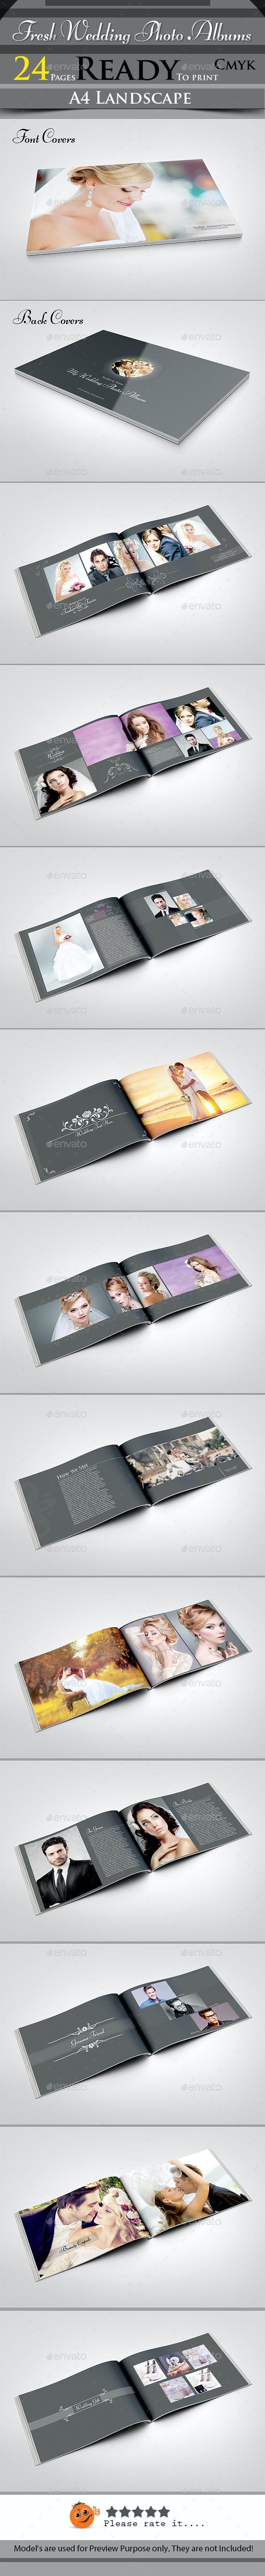 Fresh Wedding Photo Albums - Photo Albums Print Templates